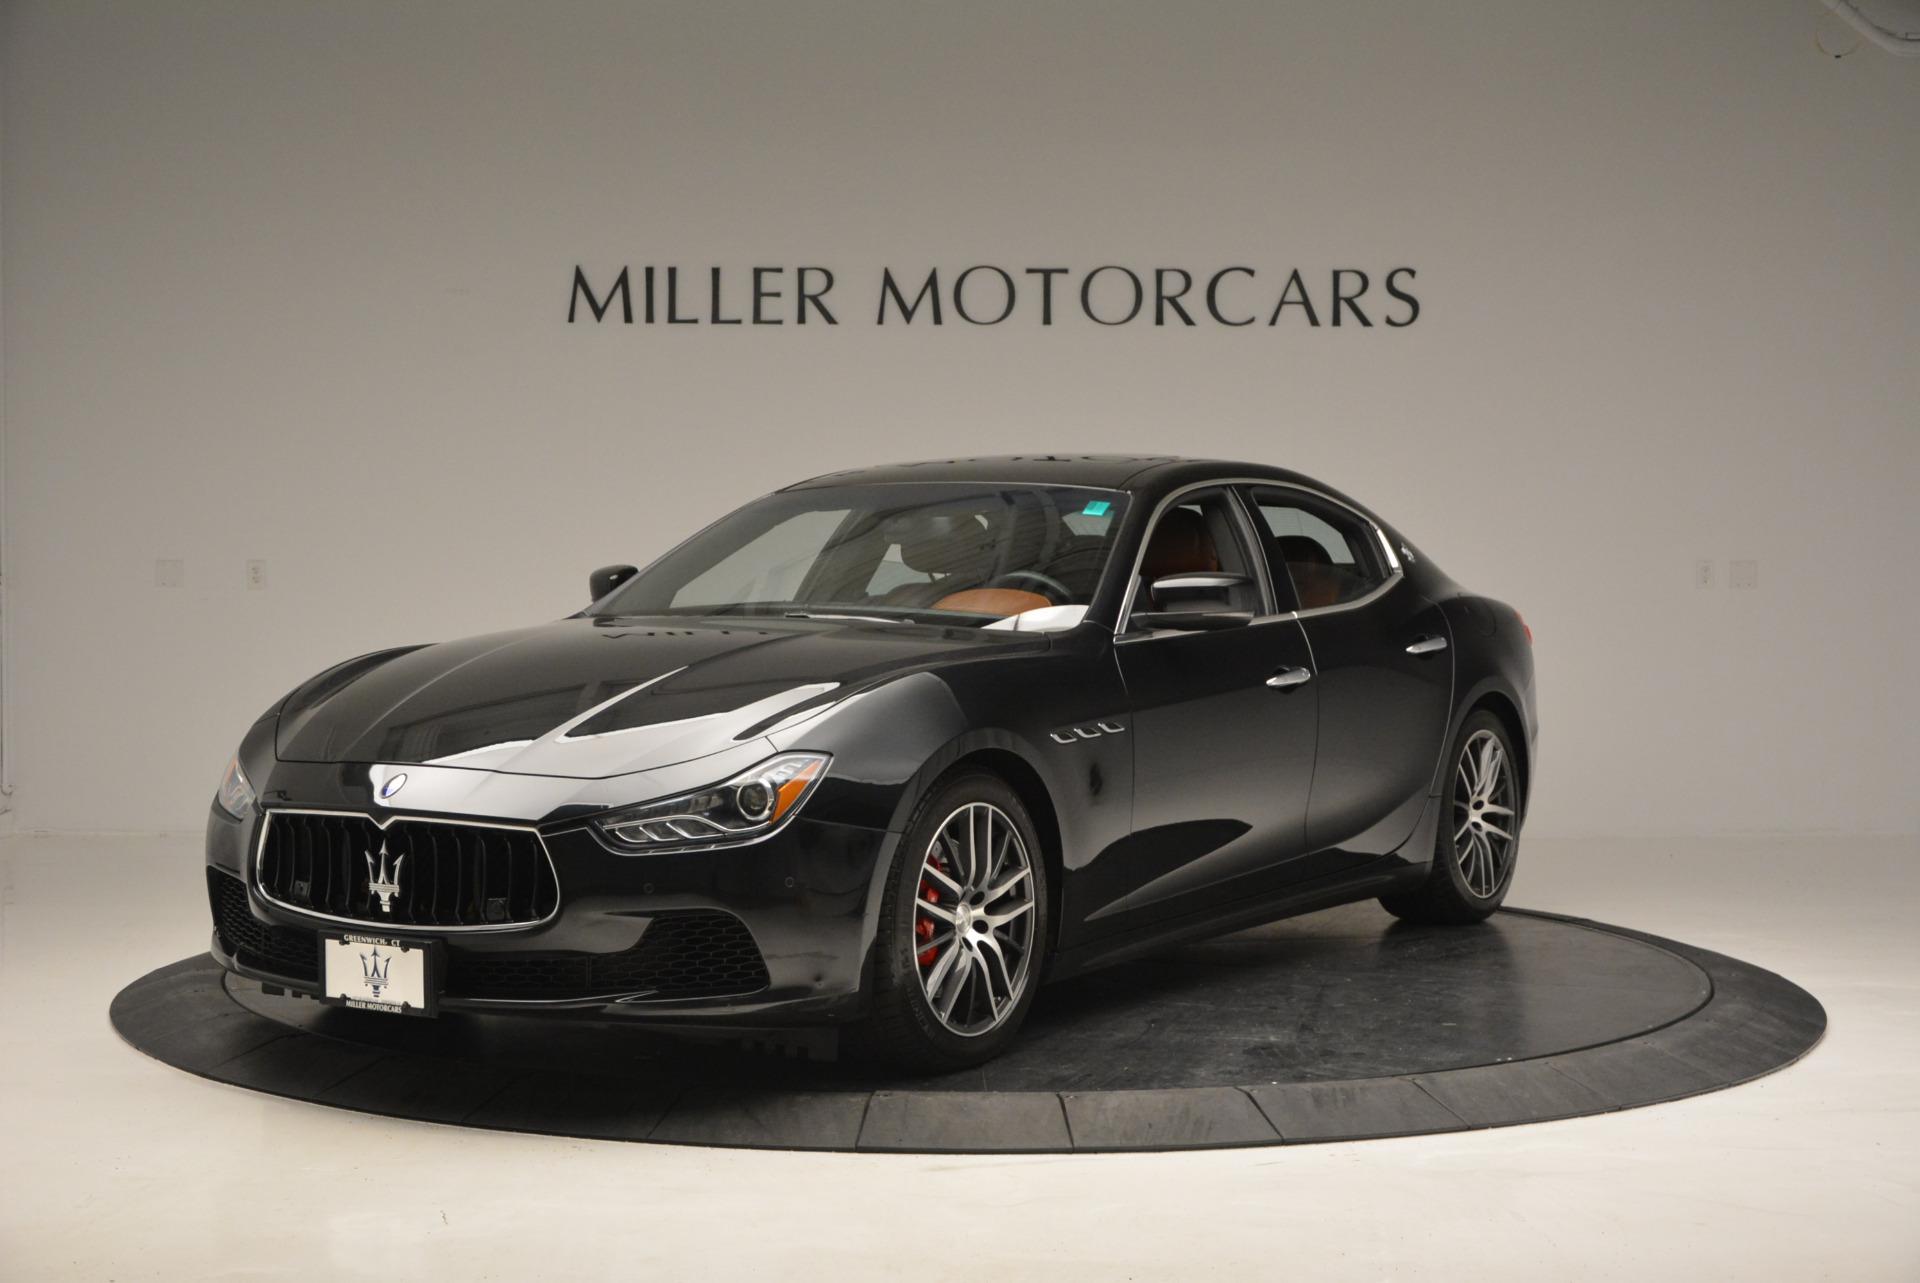 Used 2014 Maserati Ghibli S Q4 for sale Sold at Alfa Romeo of Westport in Westport CT 06880 1